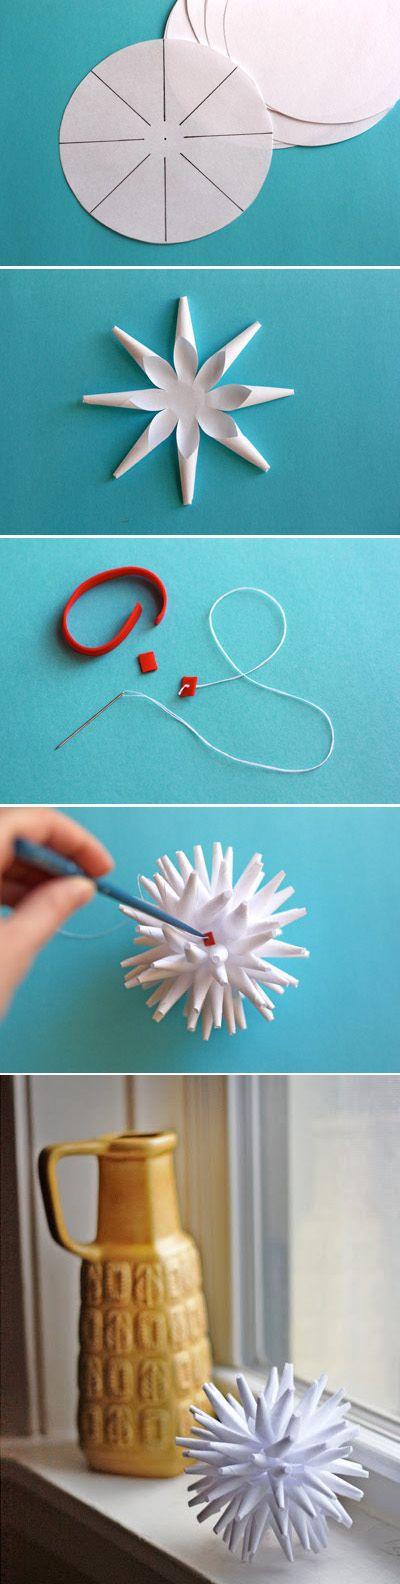 Новорічний декор з паперу: завжди доступно і оригінально